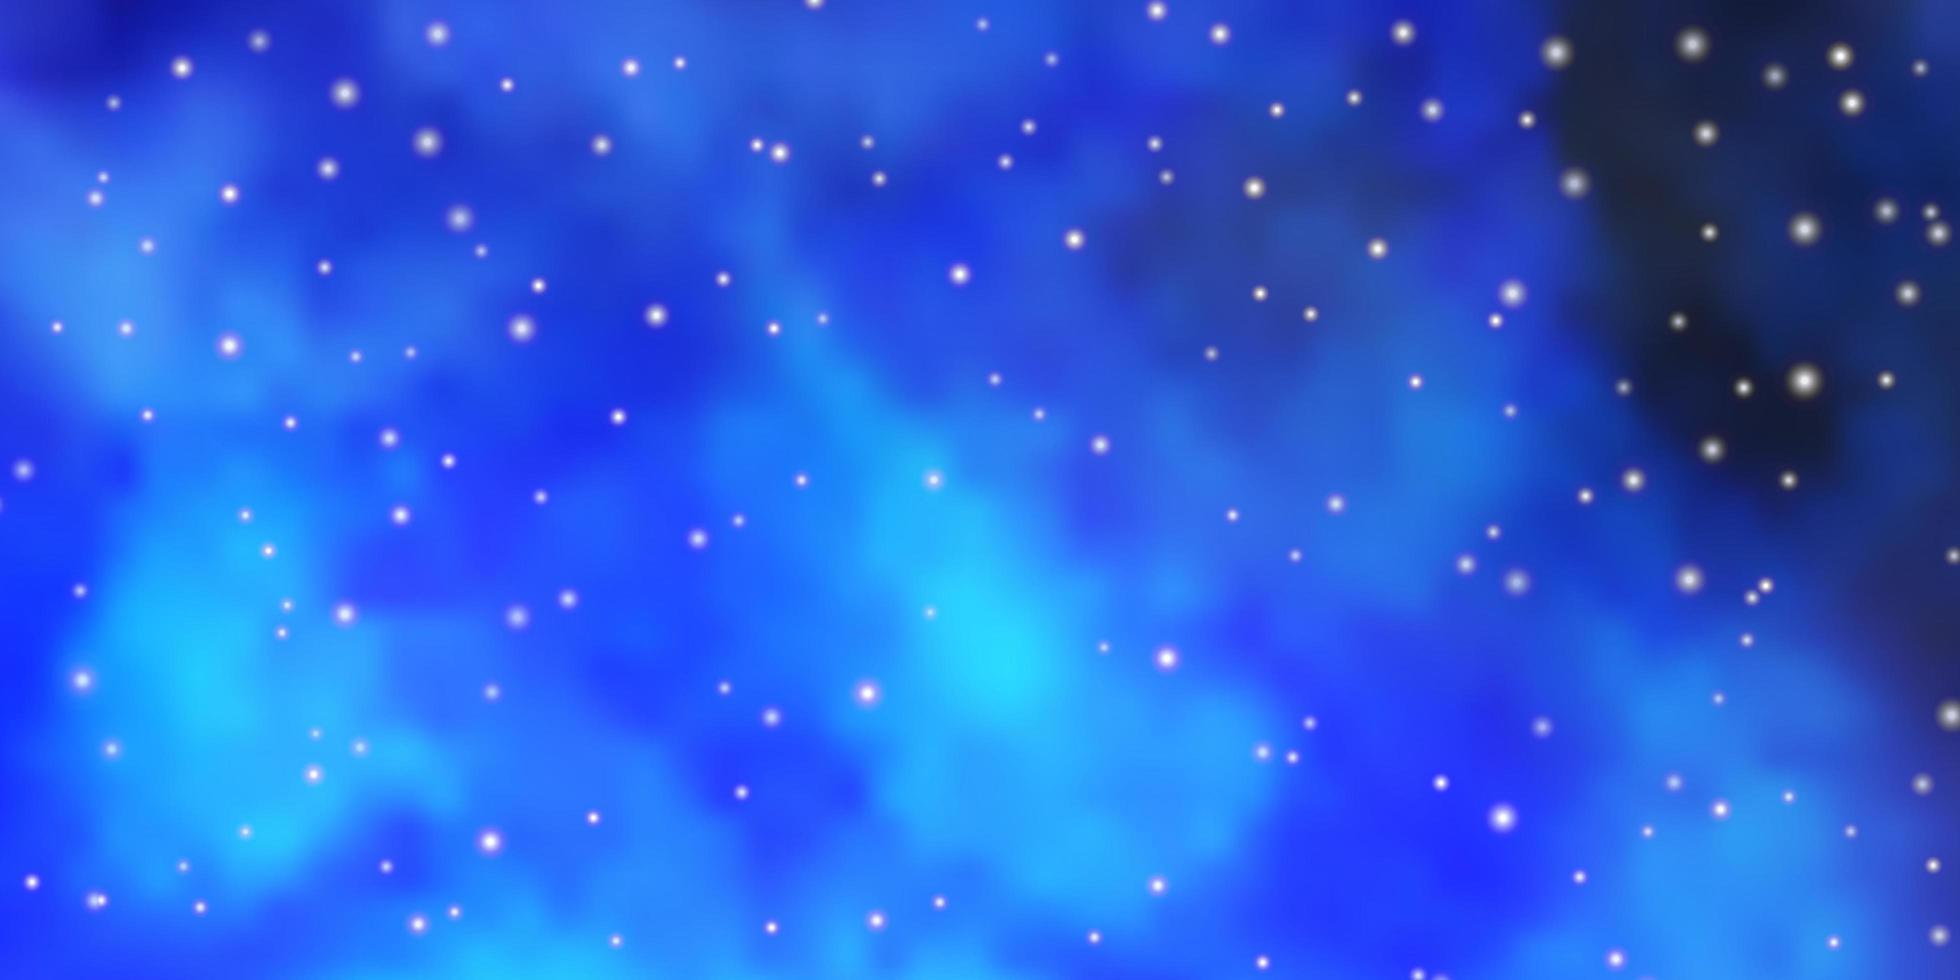 ljusblå vektor konsistens med vackra stjärnor.